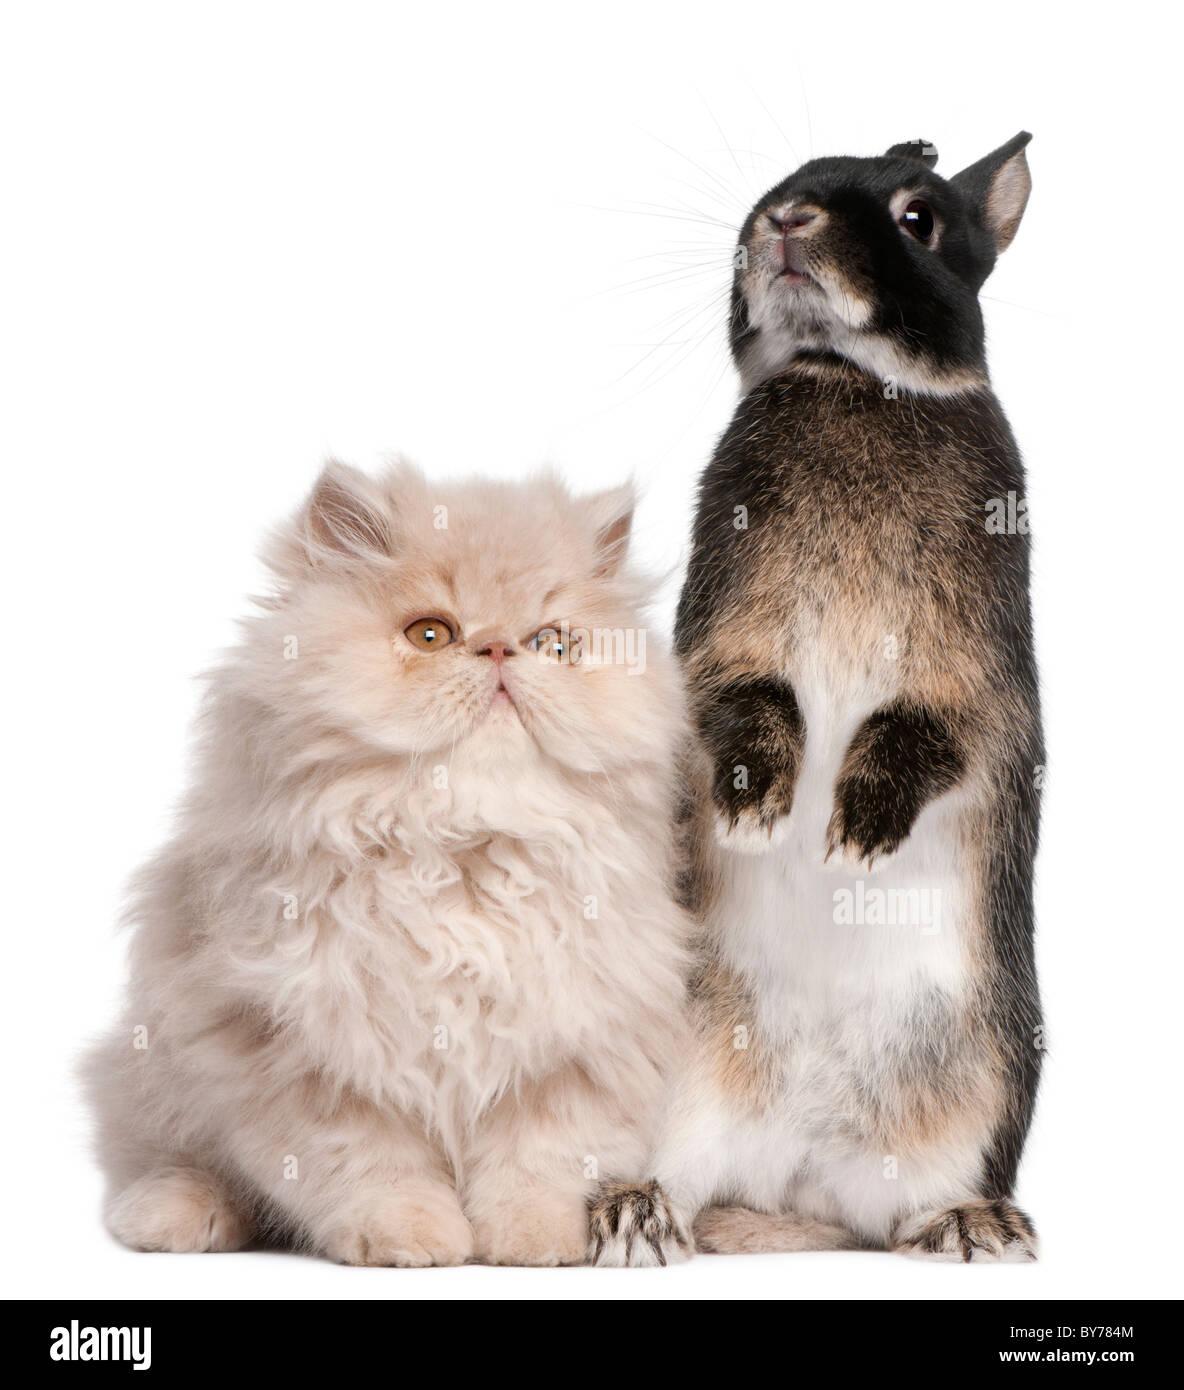 Gato y conejo joven persa delante de un fondo blanco Imagen De Stock